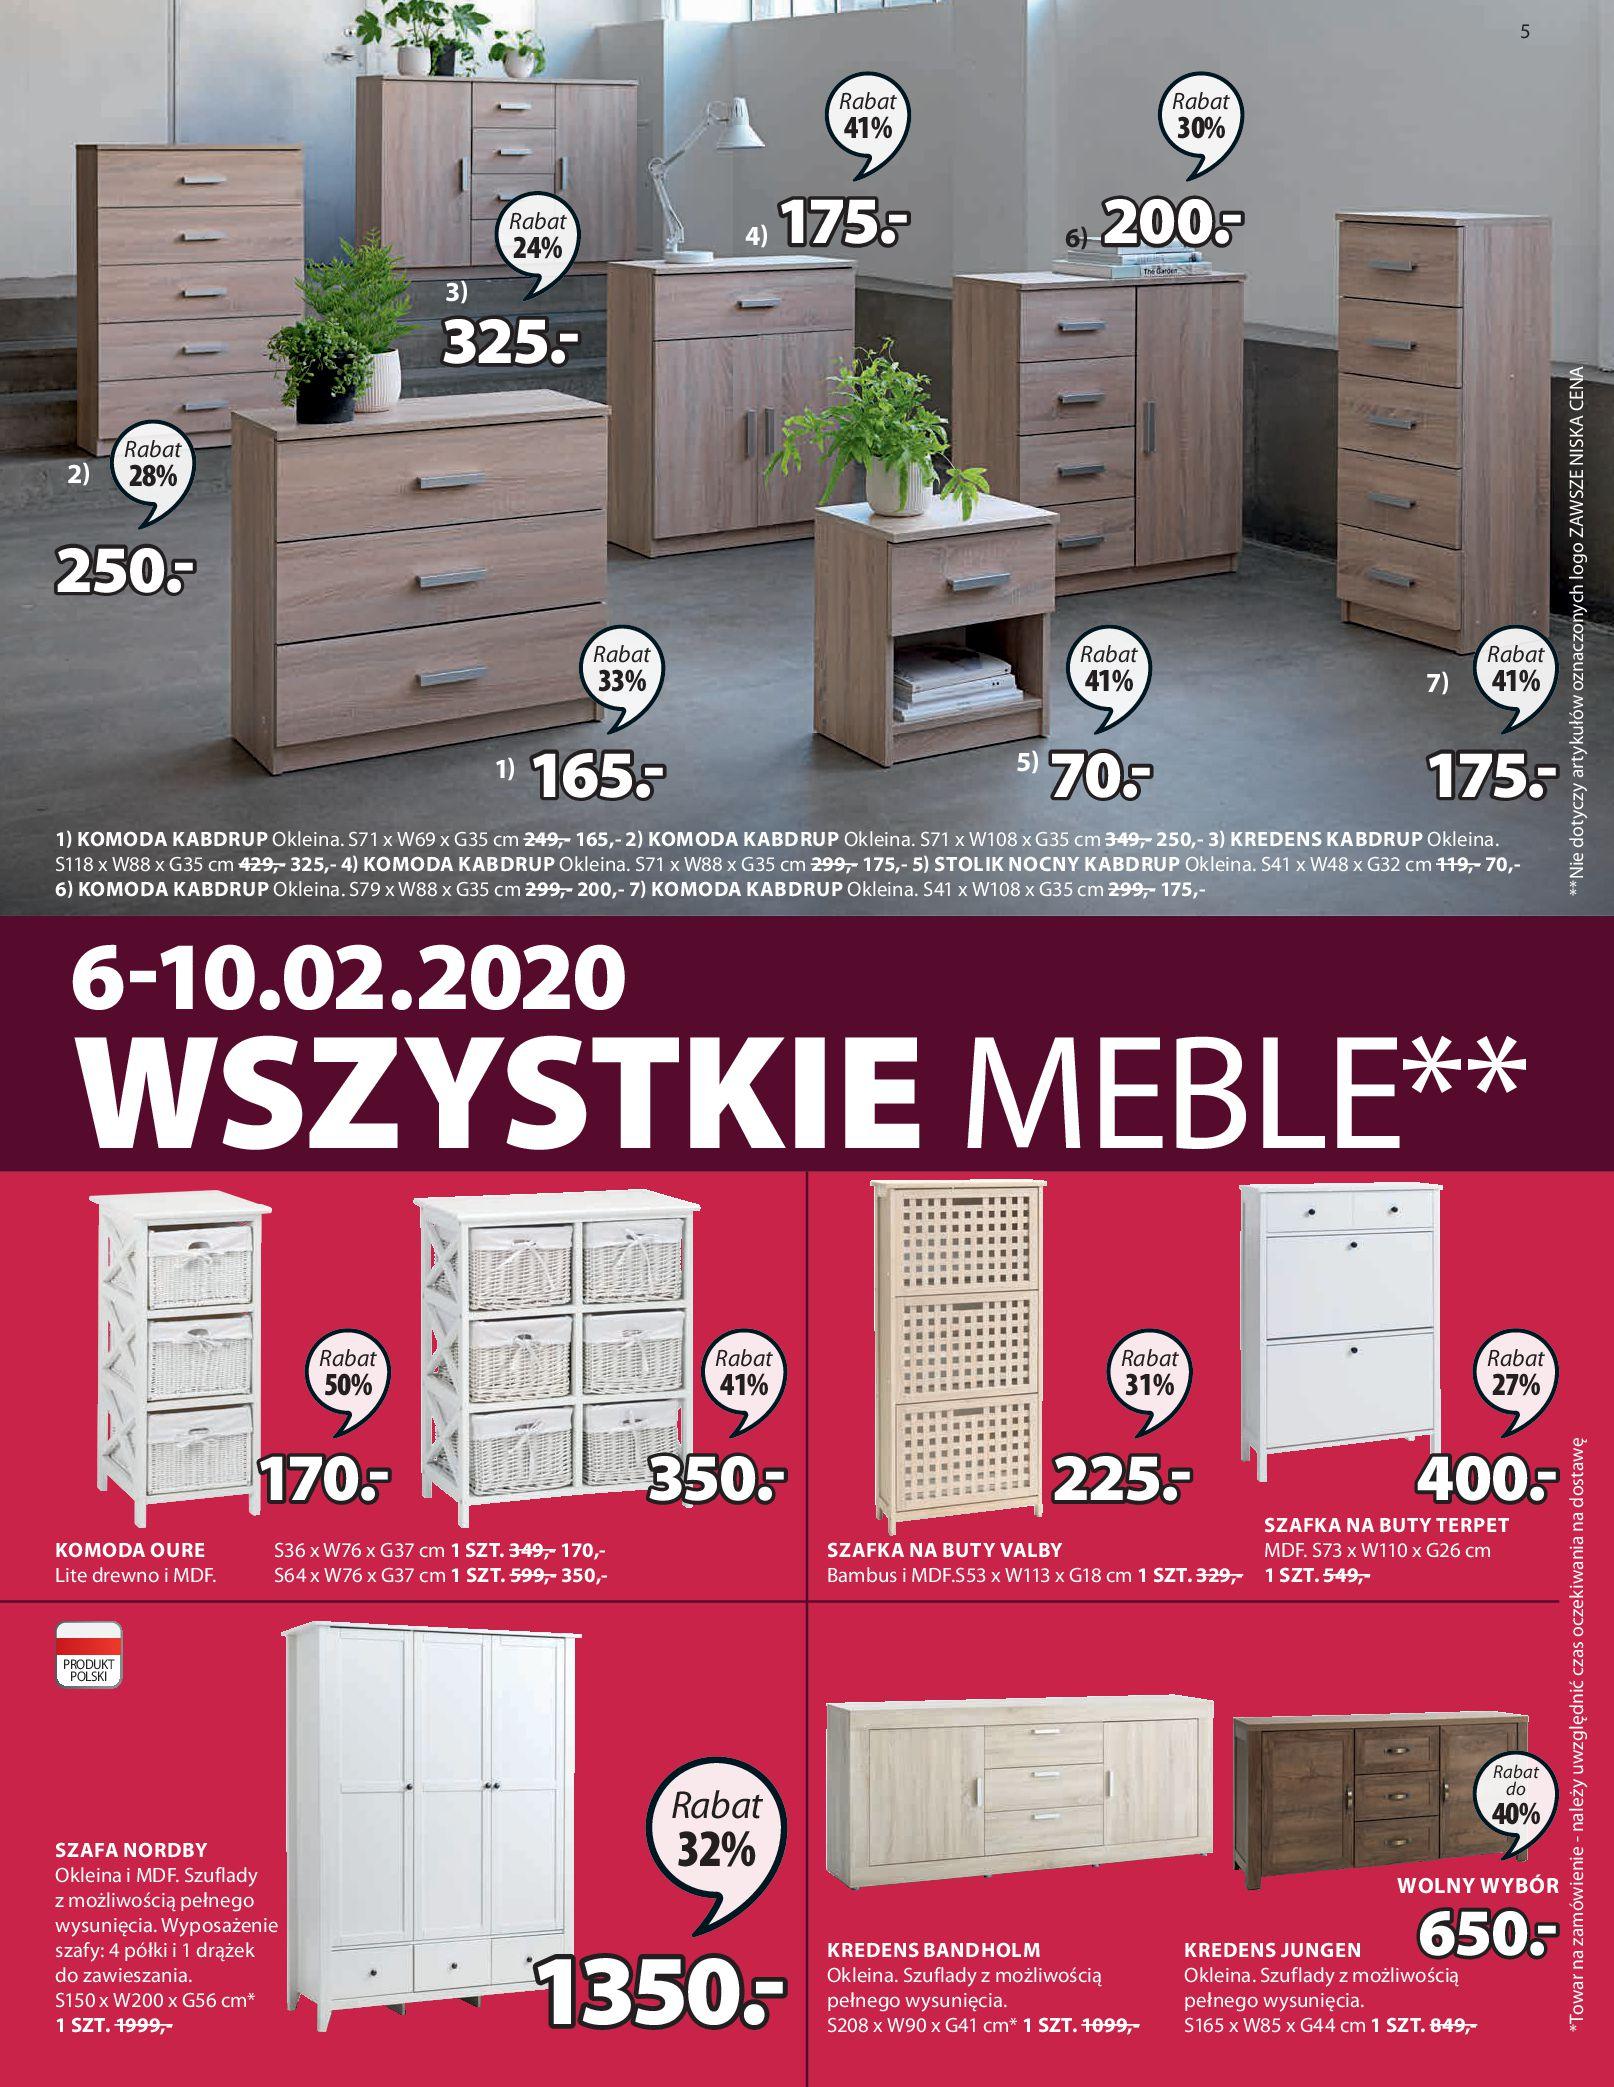 Gazetka Jysk - Oferta tygodnia-05.02.2020-19.02.2020-page-5